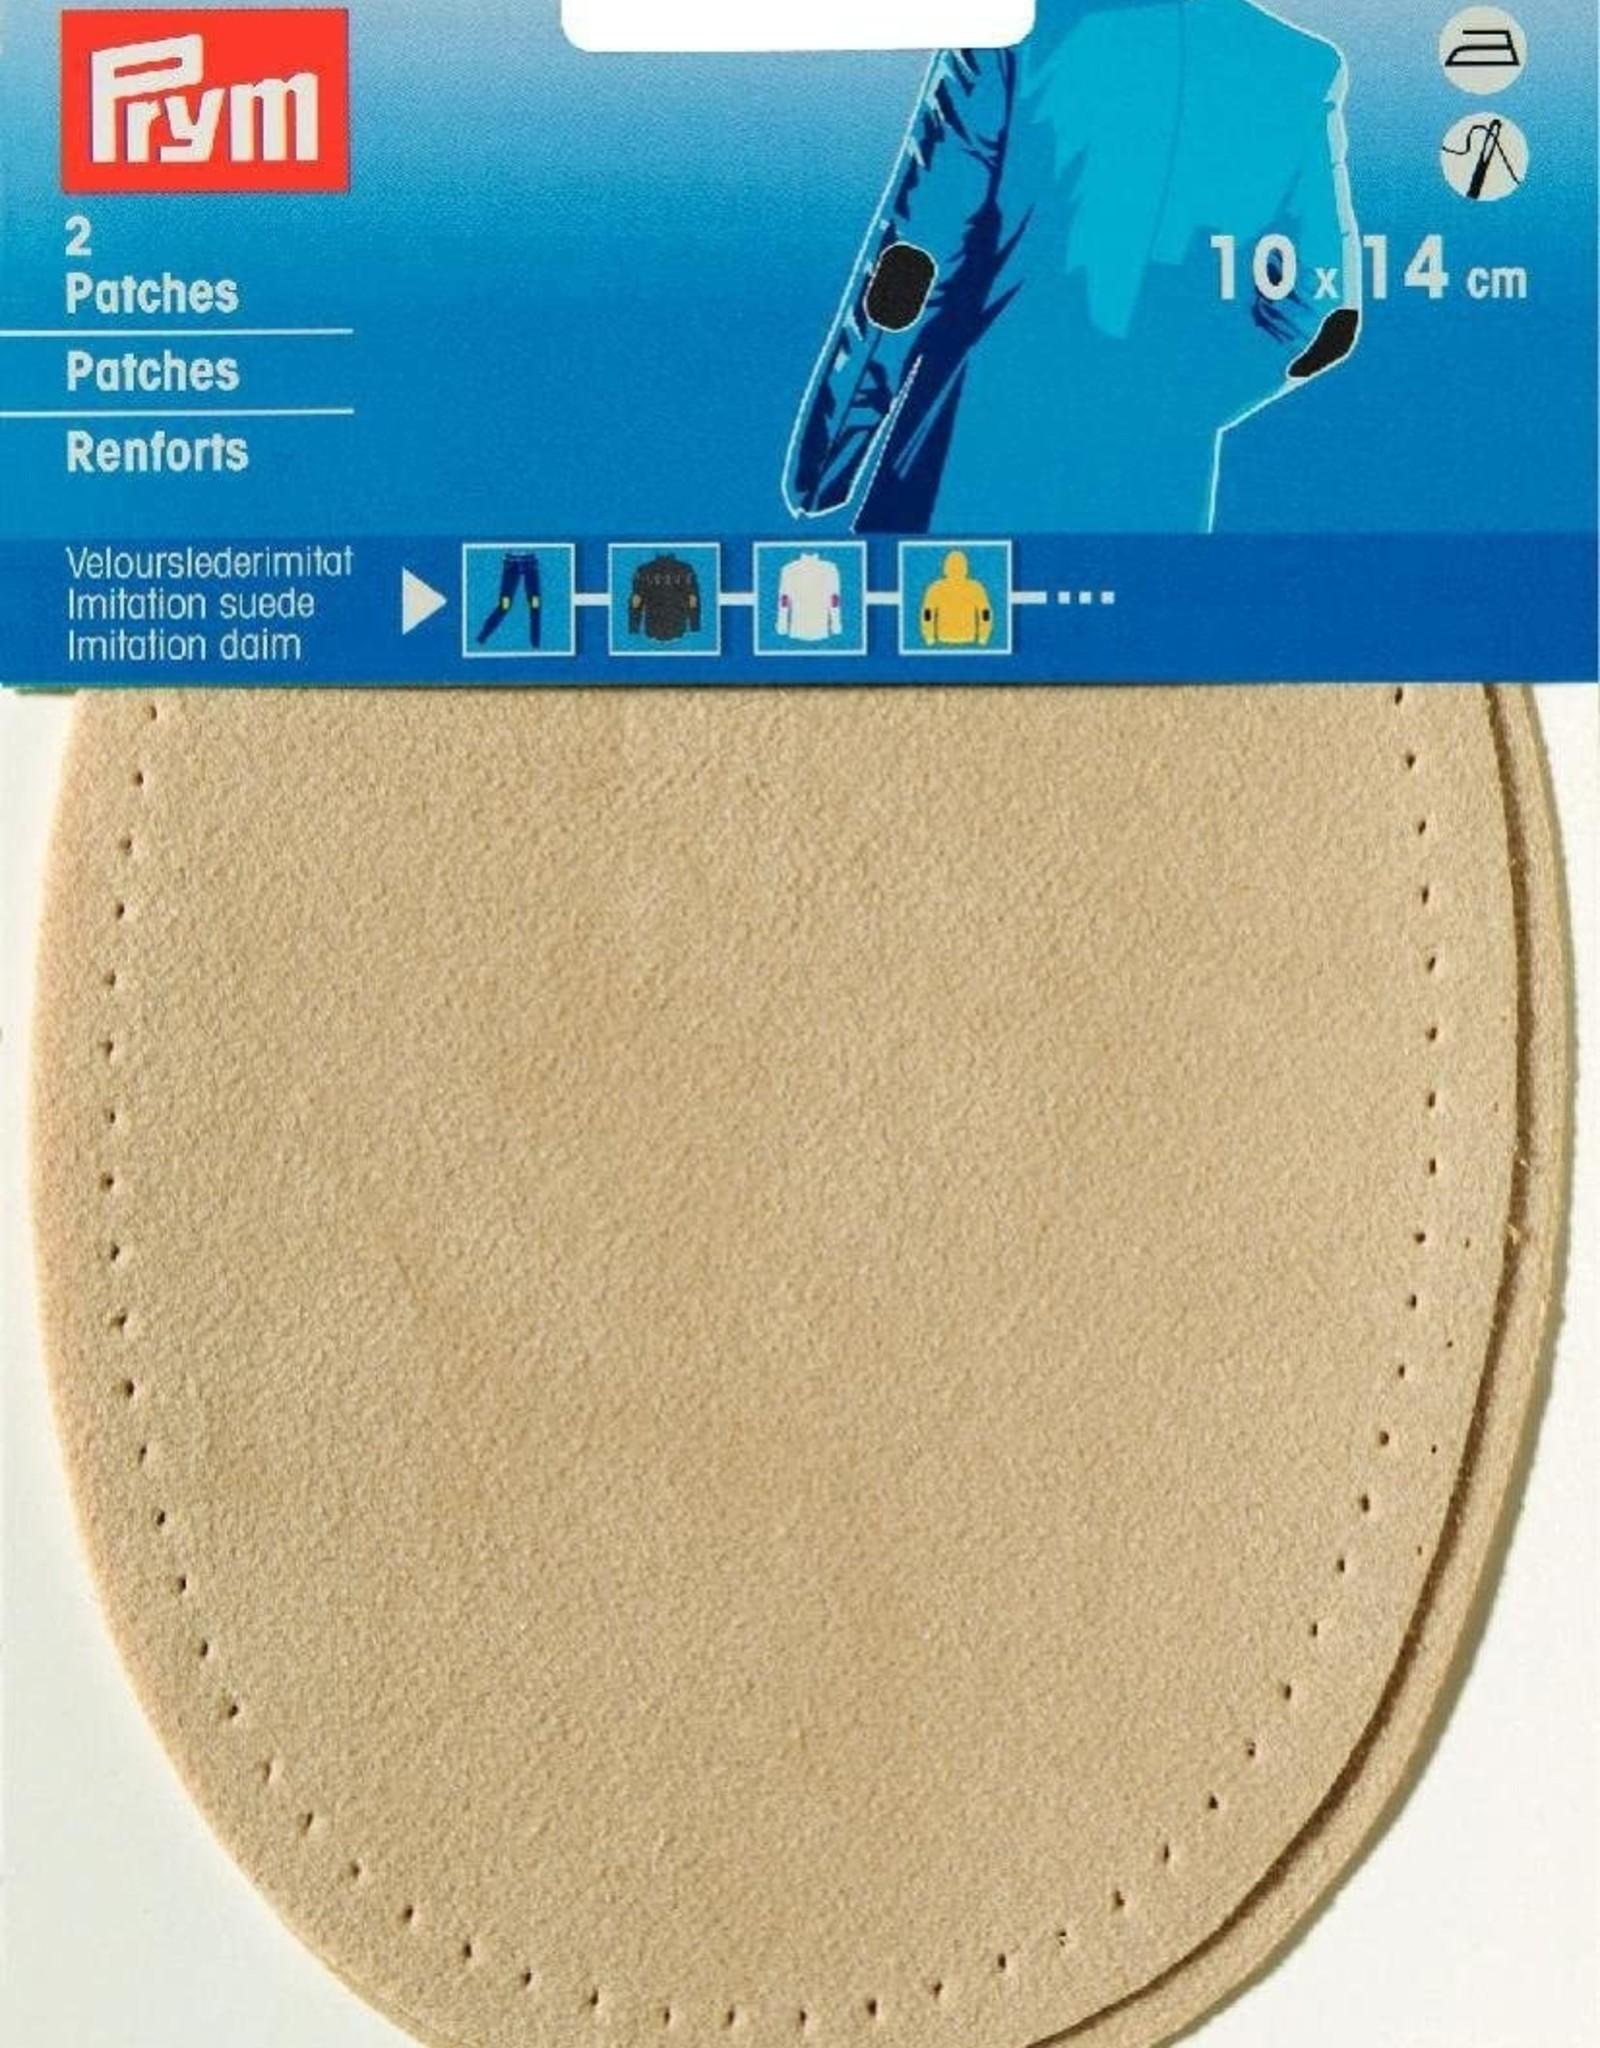 Prym Prym -  patches suedeimitatie 10x14cm lichtbeige - 929 382